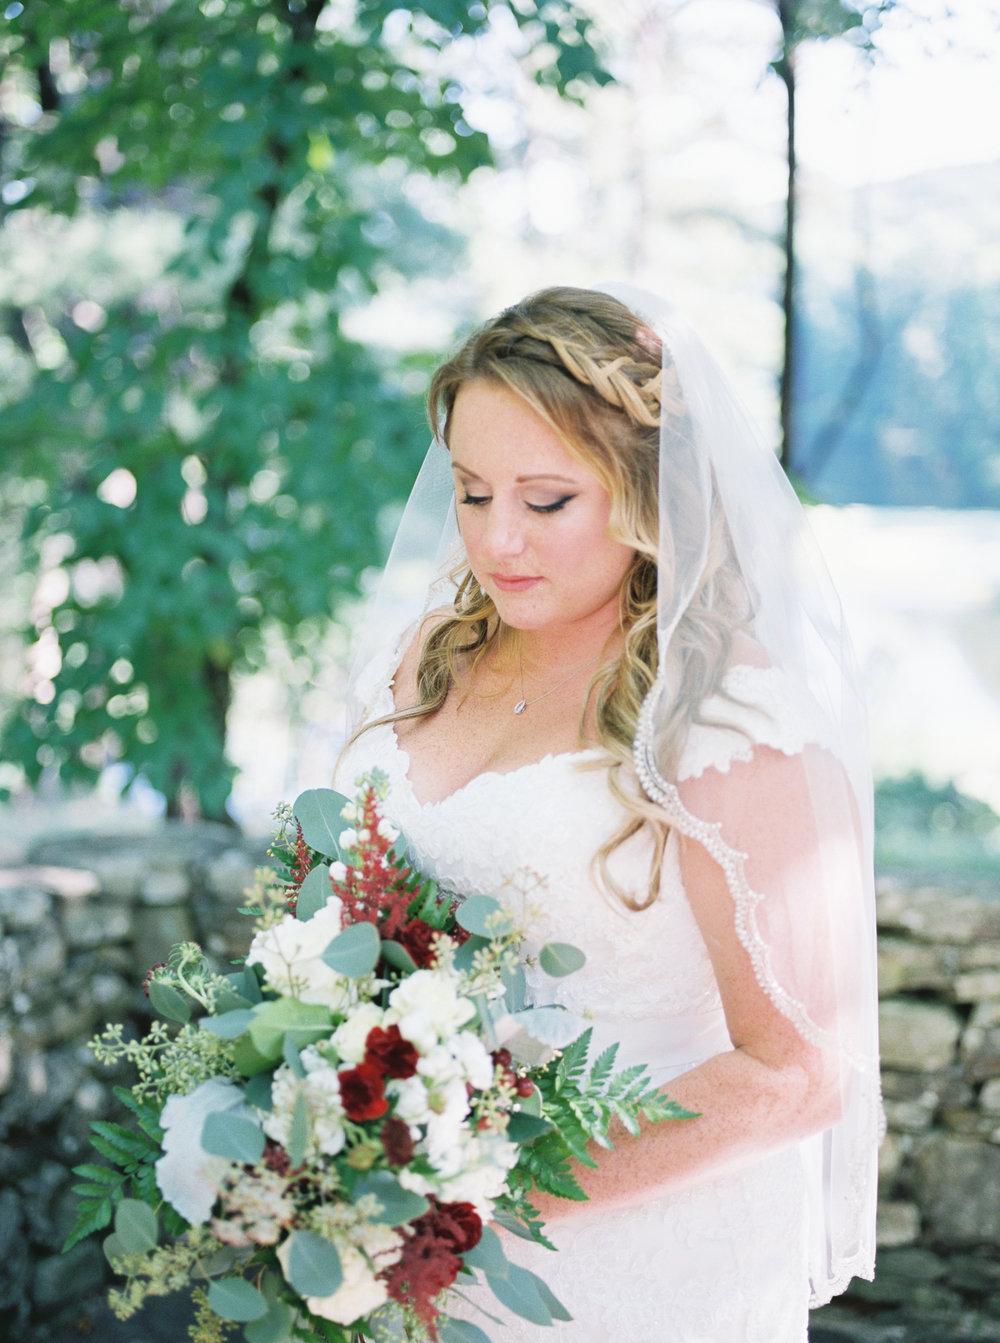 ashleybilly-wedding-ceremony-christinadavisphoto109.jpg